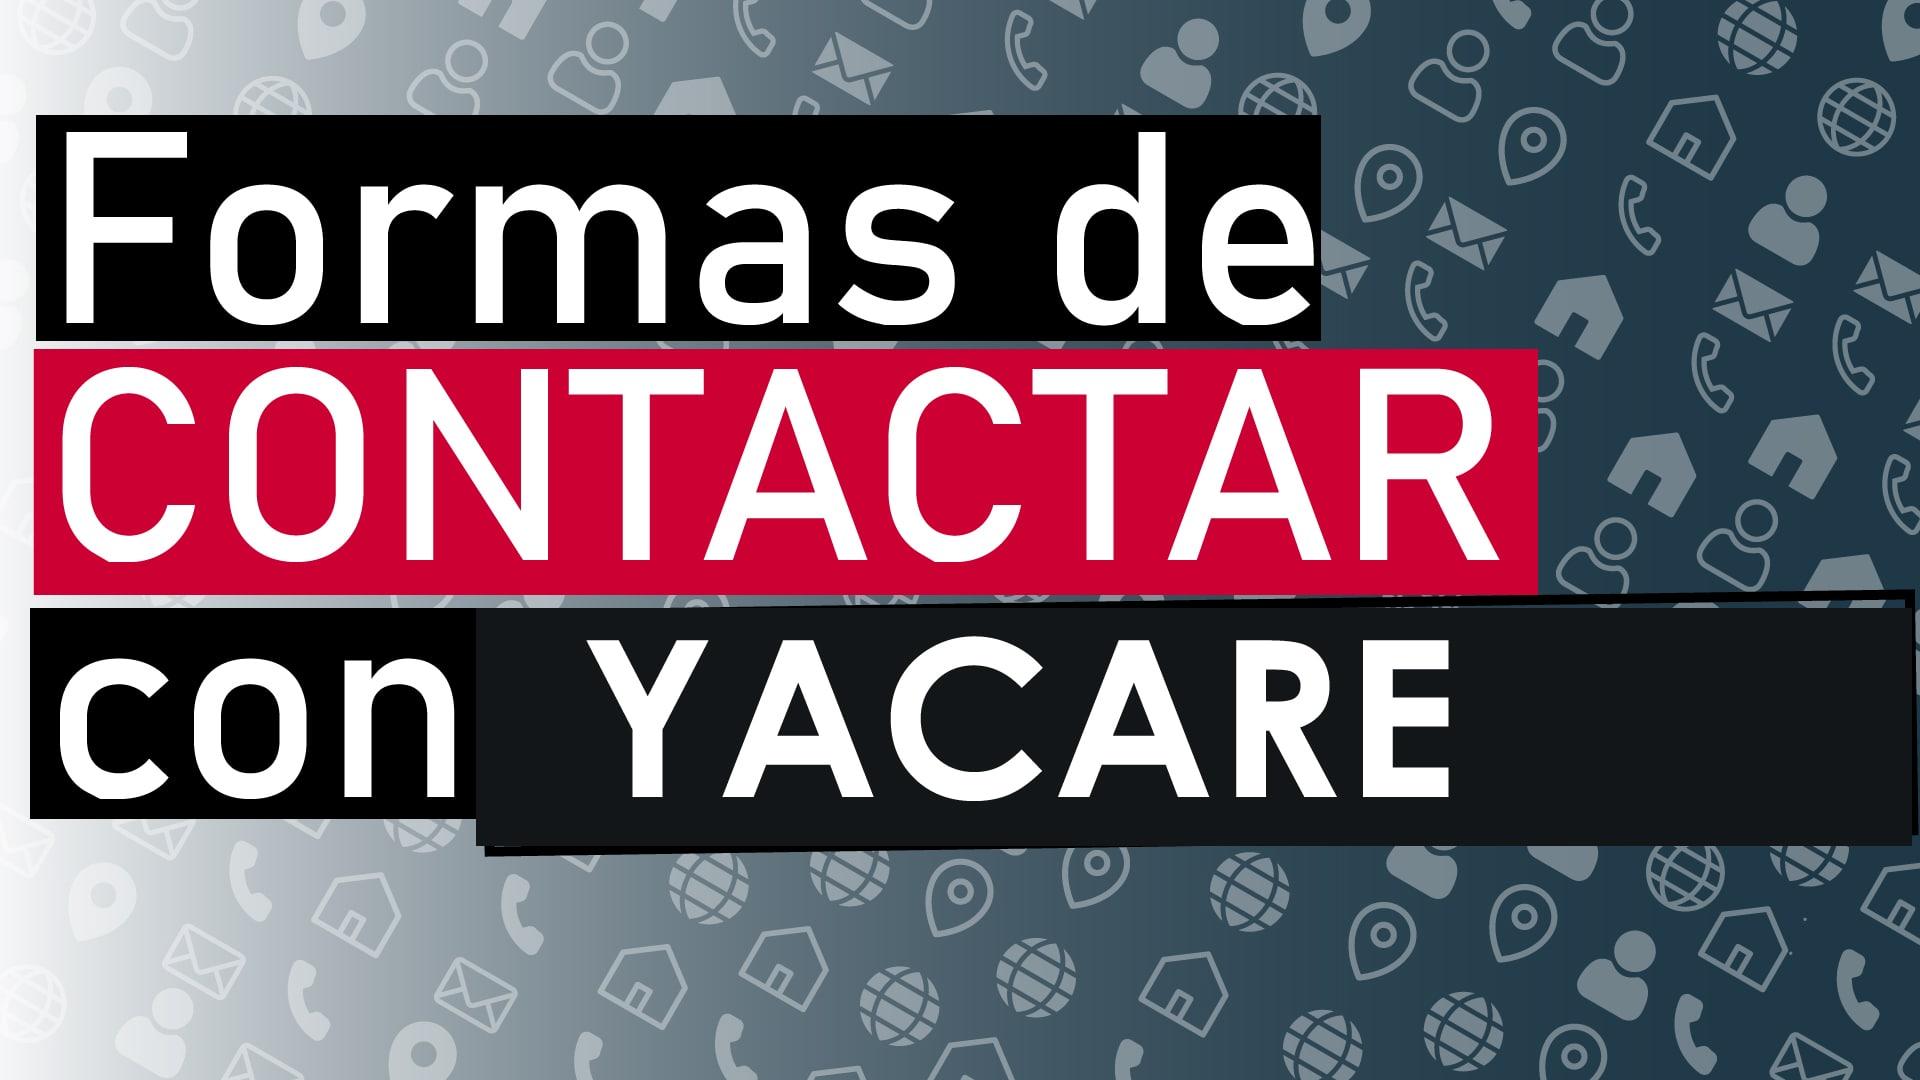 contactar con yacare